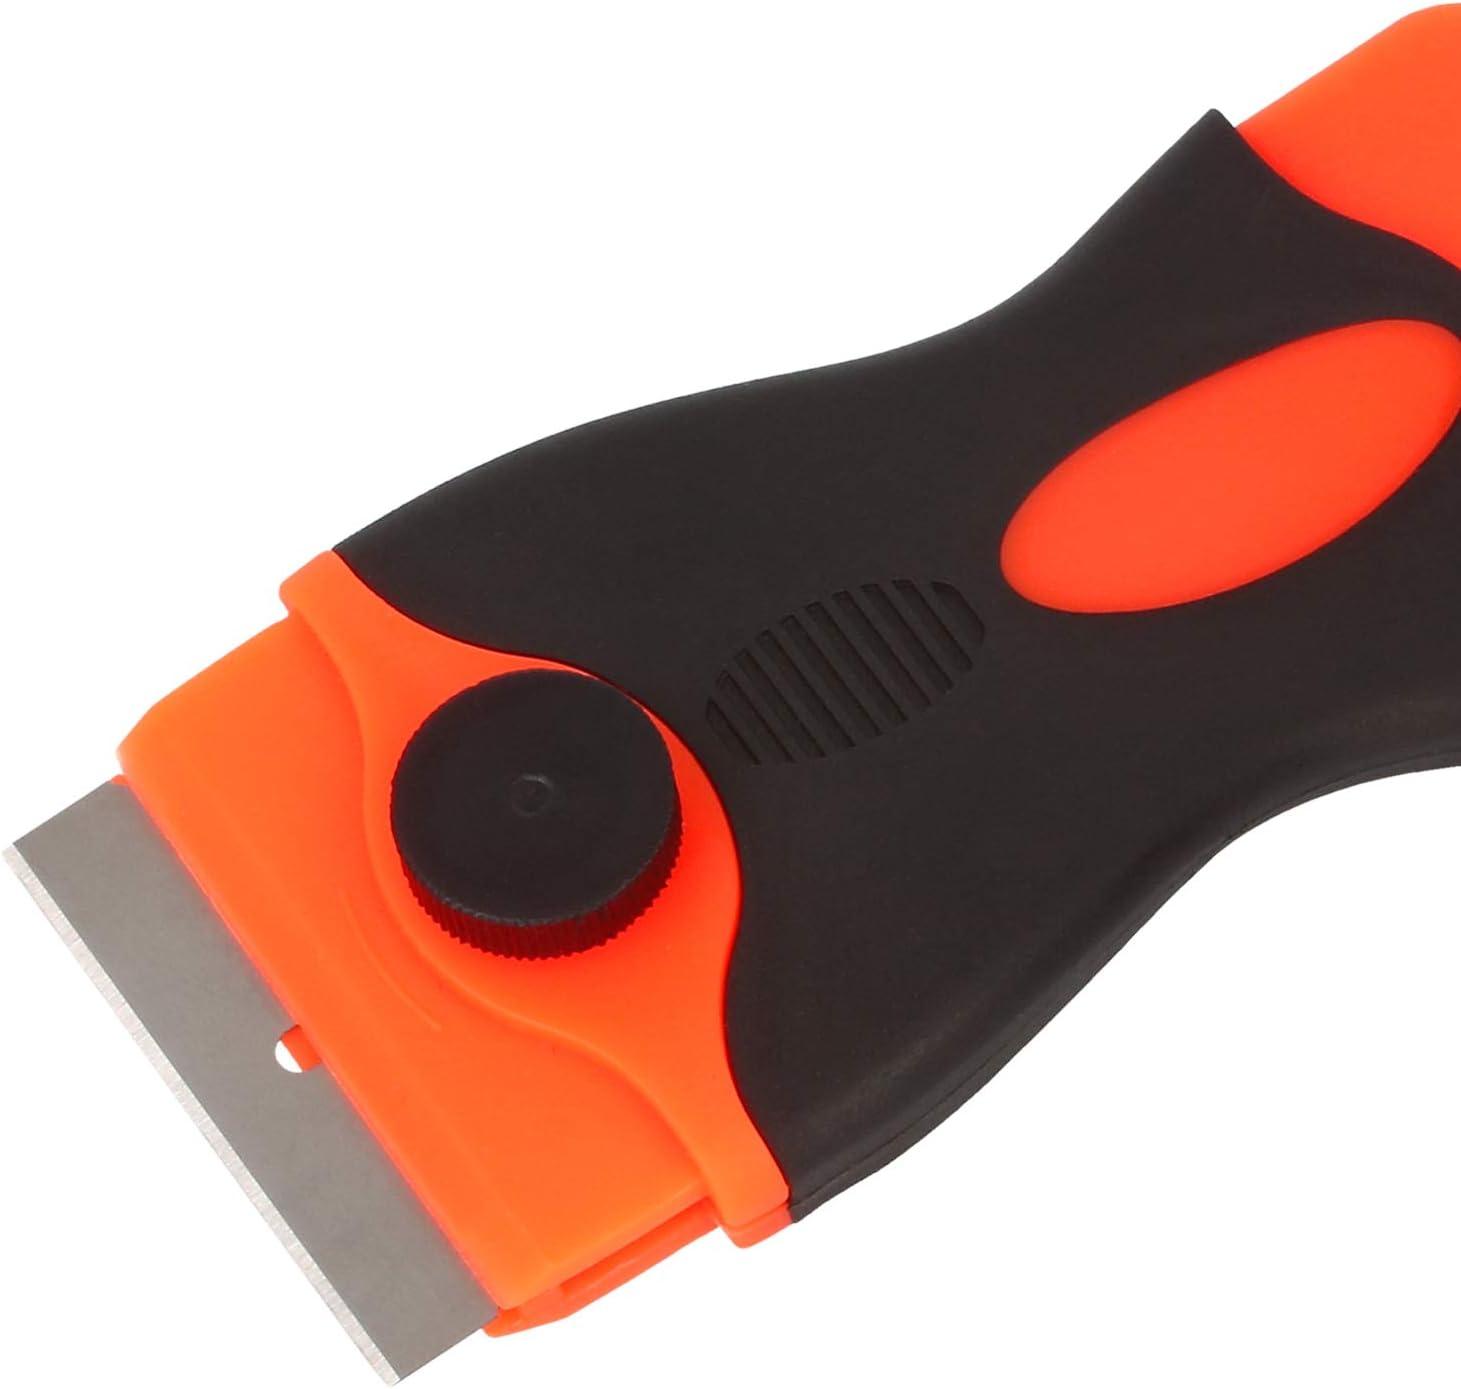 rascador de Limpieza Universal para Superficies Lisas 03 Piezas - Mini raspador com-four/® Mini rascador 3X raspador pr/áctico para Placas